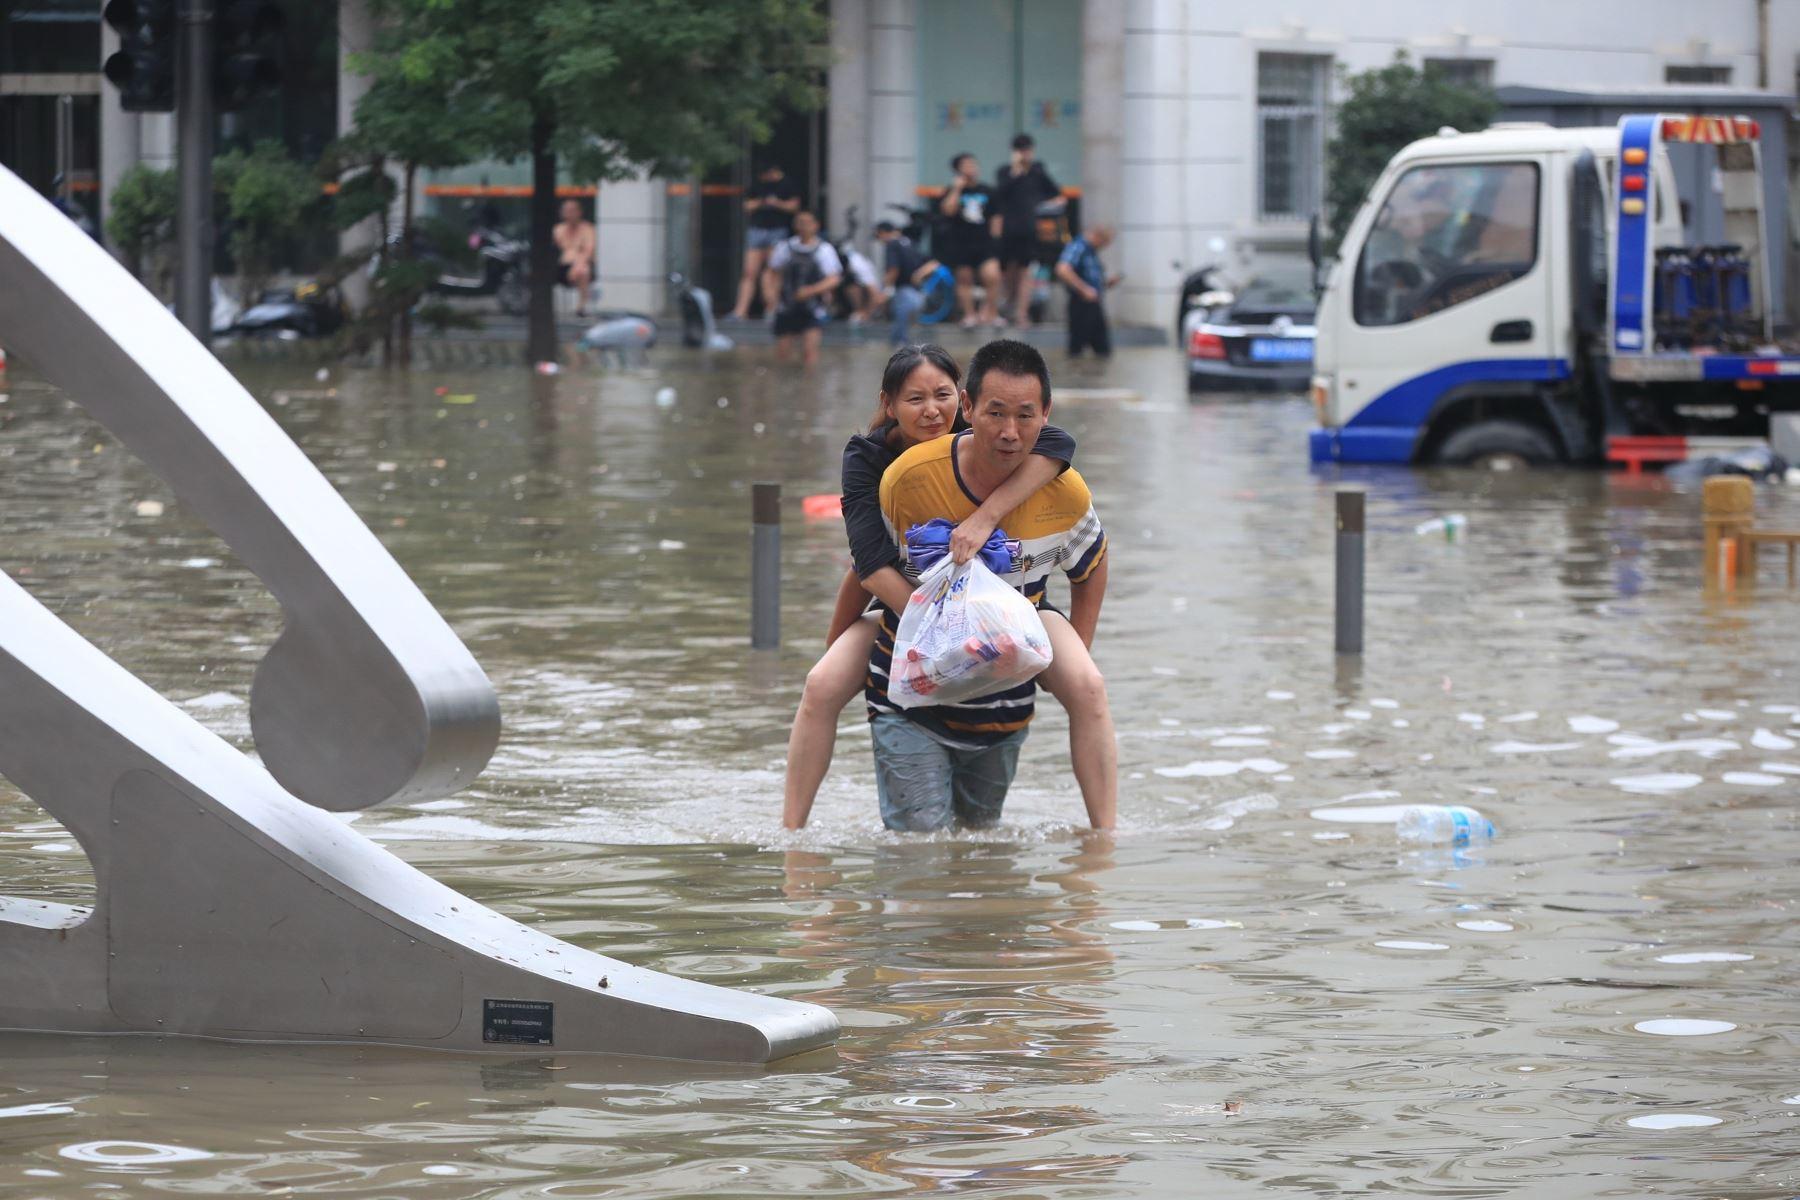 Un hombre carga a una mujer para cruzar la carretera  completamente inundada, en la ciudad de Zhengzhou, en la provincia de Henan, en el centro de China. Foto: EFE